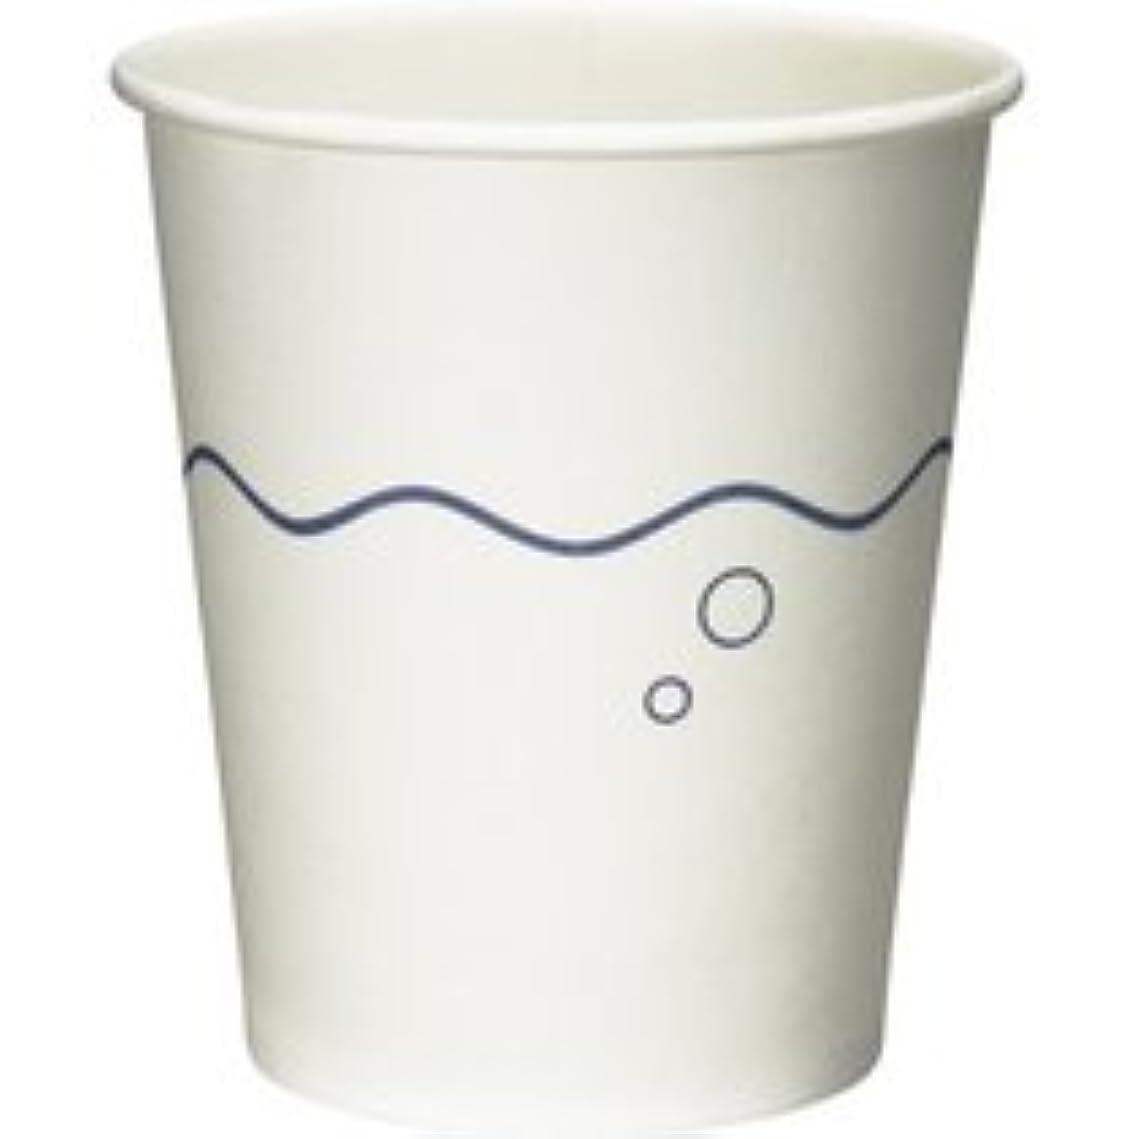 ソーダ水平等貫入ファーストレイト うがい用紙コップ 青波 5オンス(150ml) FR-174 1セット(4000個:100個×40パック)